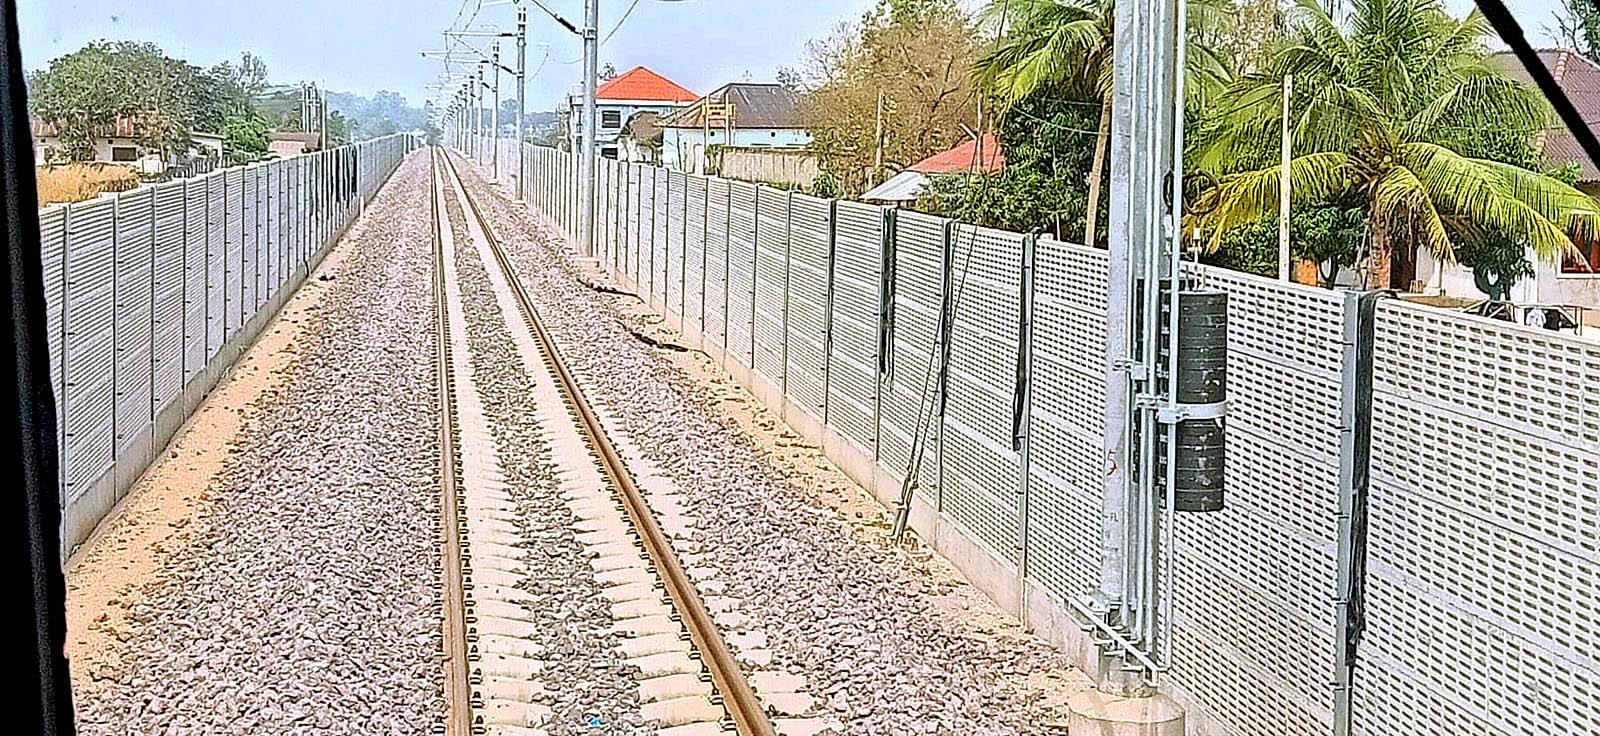 Translaos Rail 2103 07.jpg